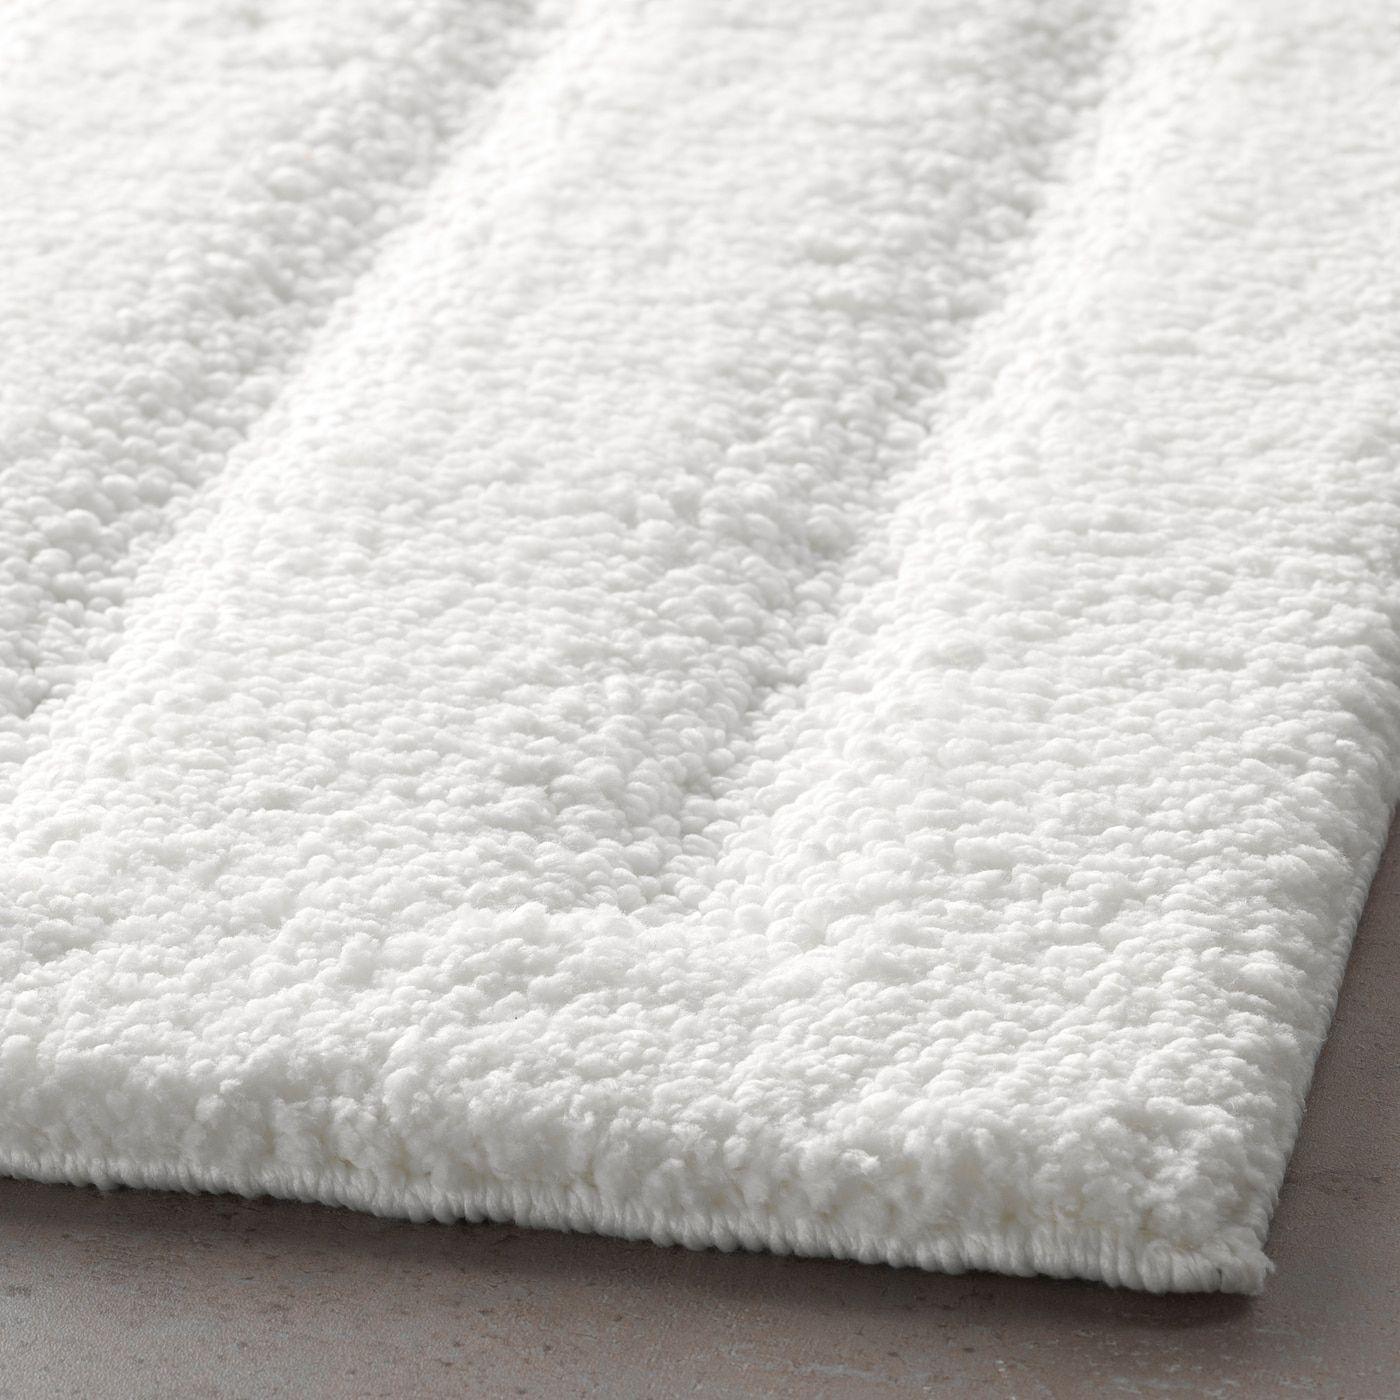 Emten Tapis De Bain Blanc Ikea Canada Ikea In 2020 White Bath Mat Bath Mat Ikea